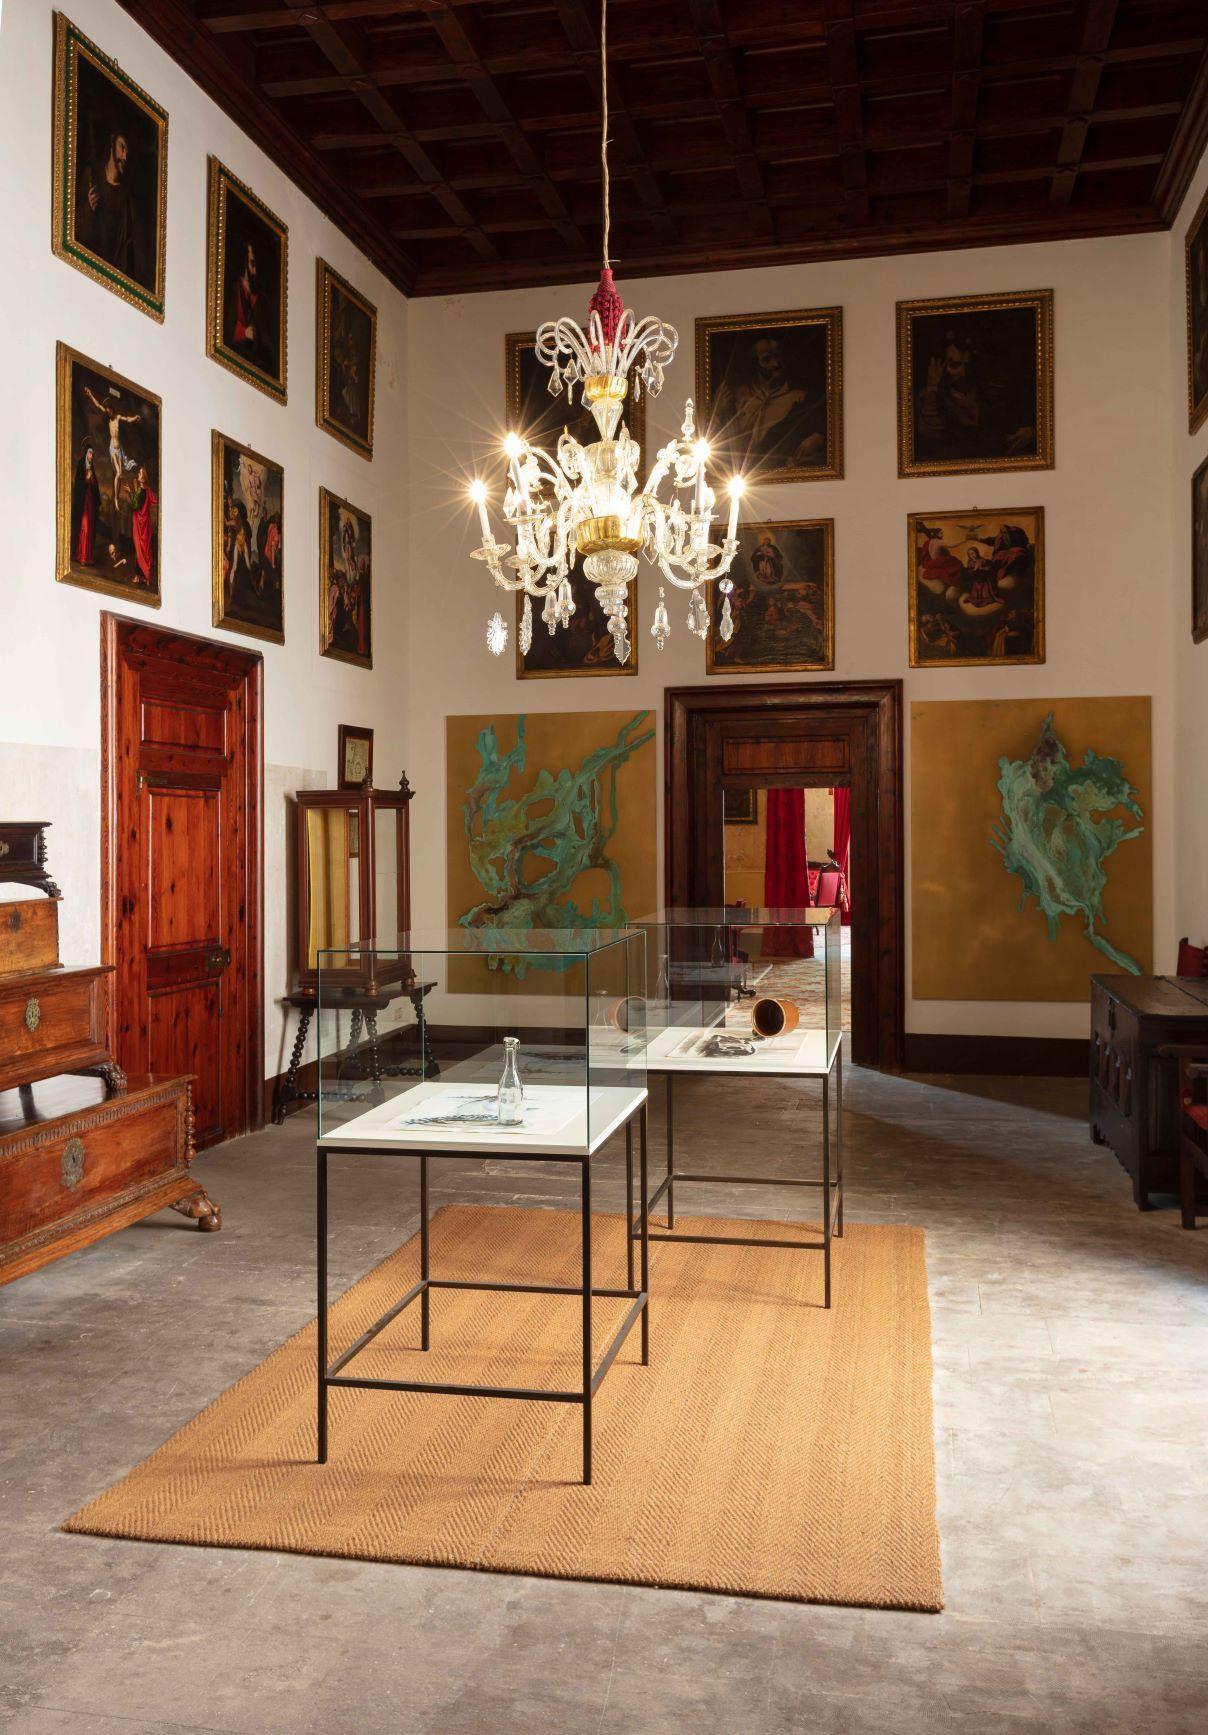 Kunstvoller Stadtpalast in Palma de Mallorca zu besichtigen